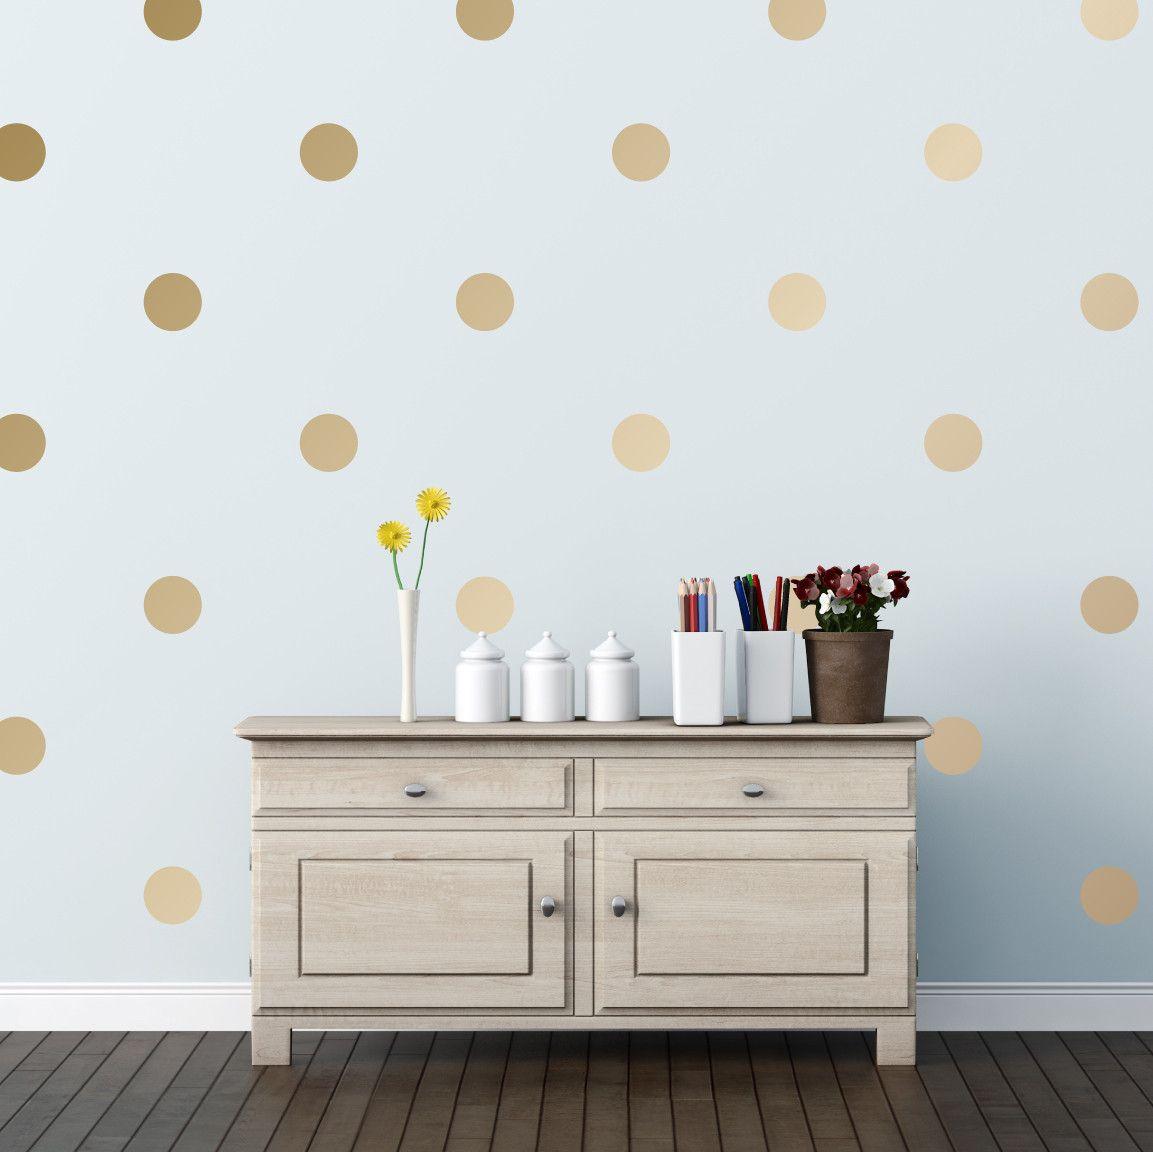 die besten 25 gold polka dot wallpaper ideen auf pinterest polka dot hintergrund polka dot. Black Bedroom Furniture Sets. Home Design Ideas